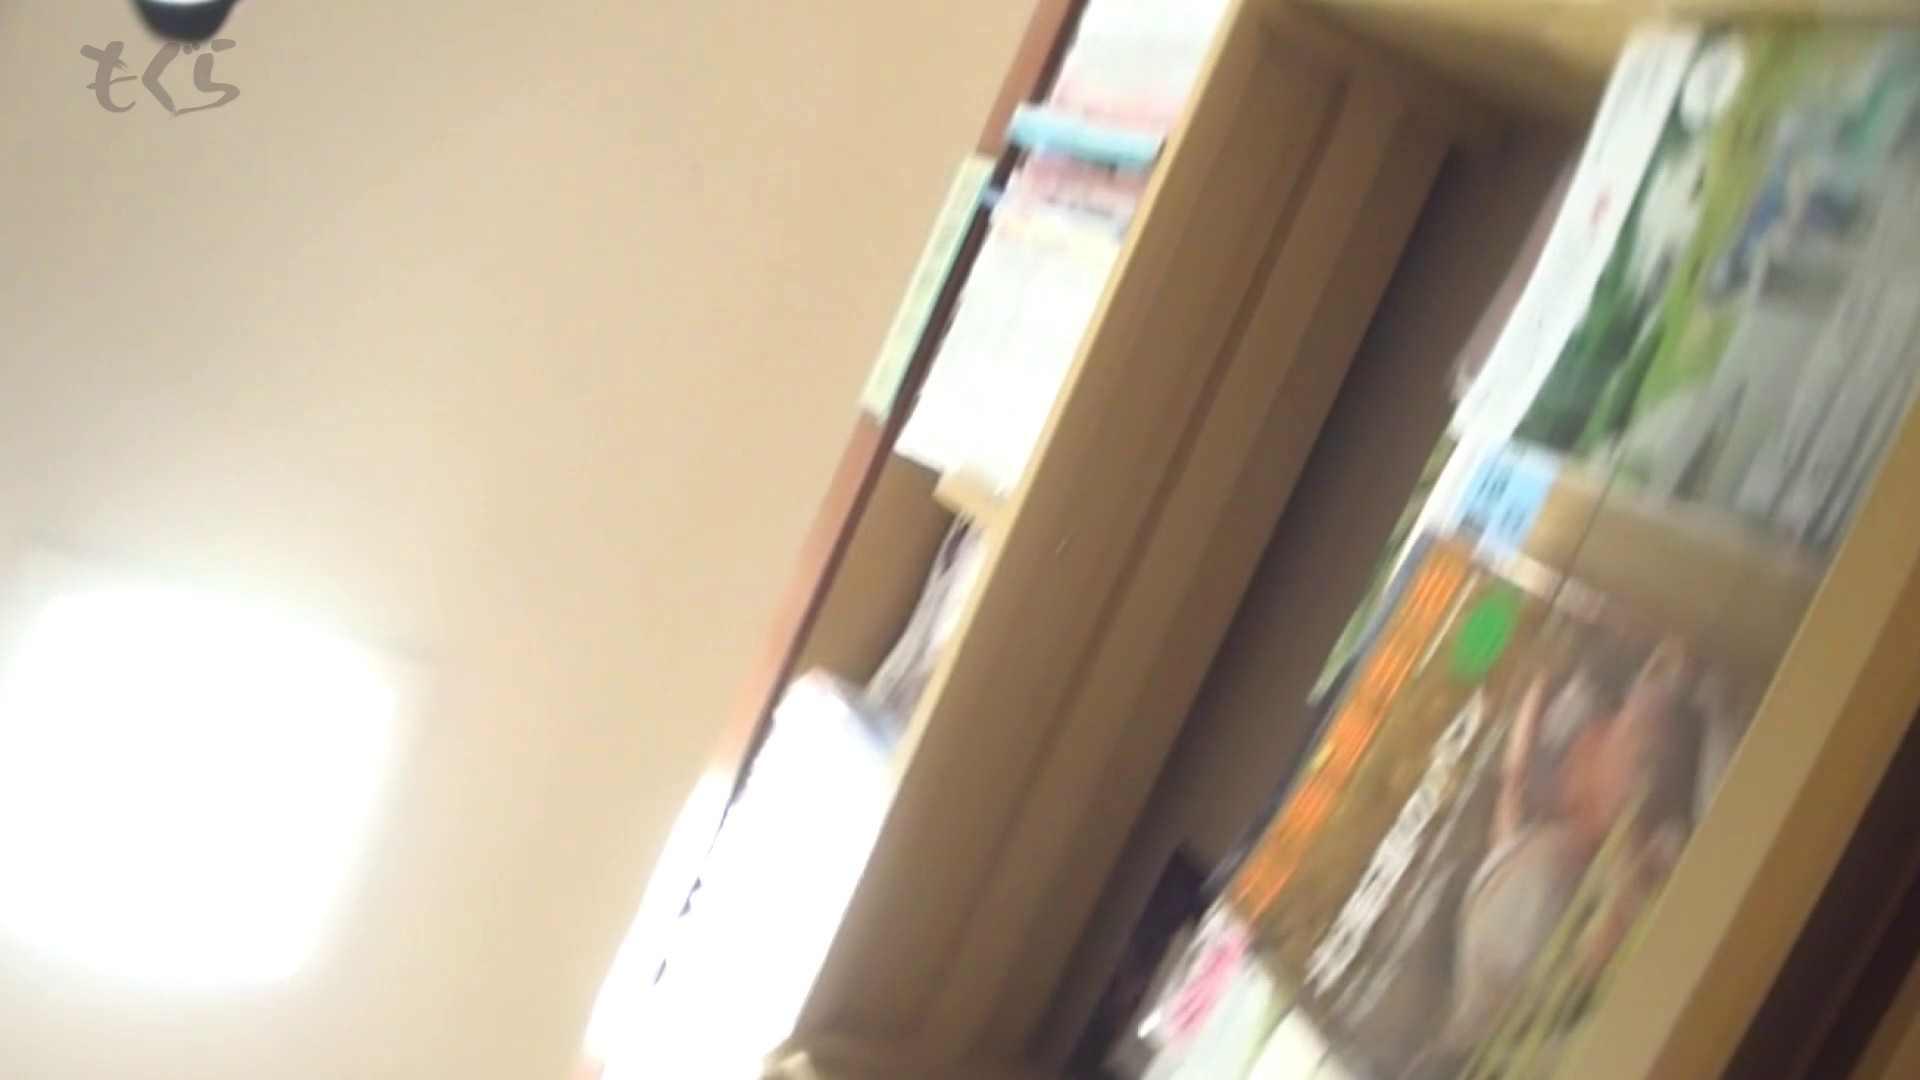 隣から【期間限定品】No.14 黒髪のJDを粘着撮り!! ギャル達 おめこ無修正画像 76枚 20